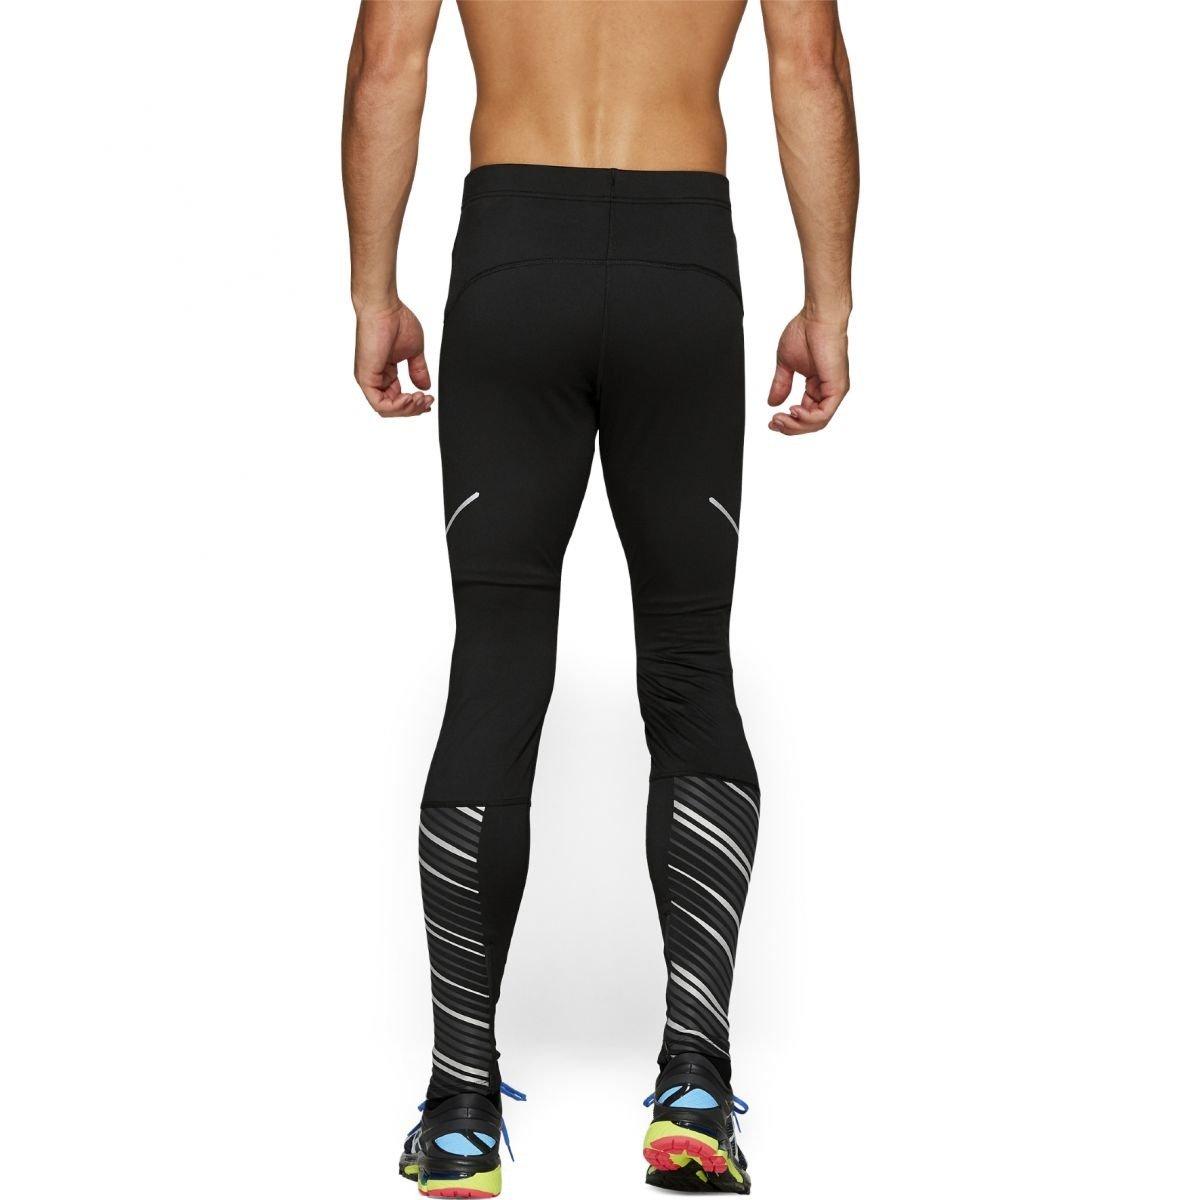 Asics Lite Show 2 Winter Tight męskie zimowe leginsy do biegania (czarne)